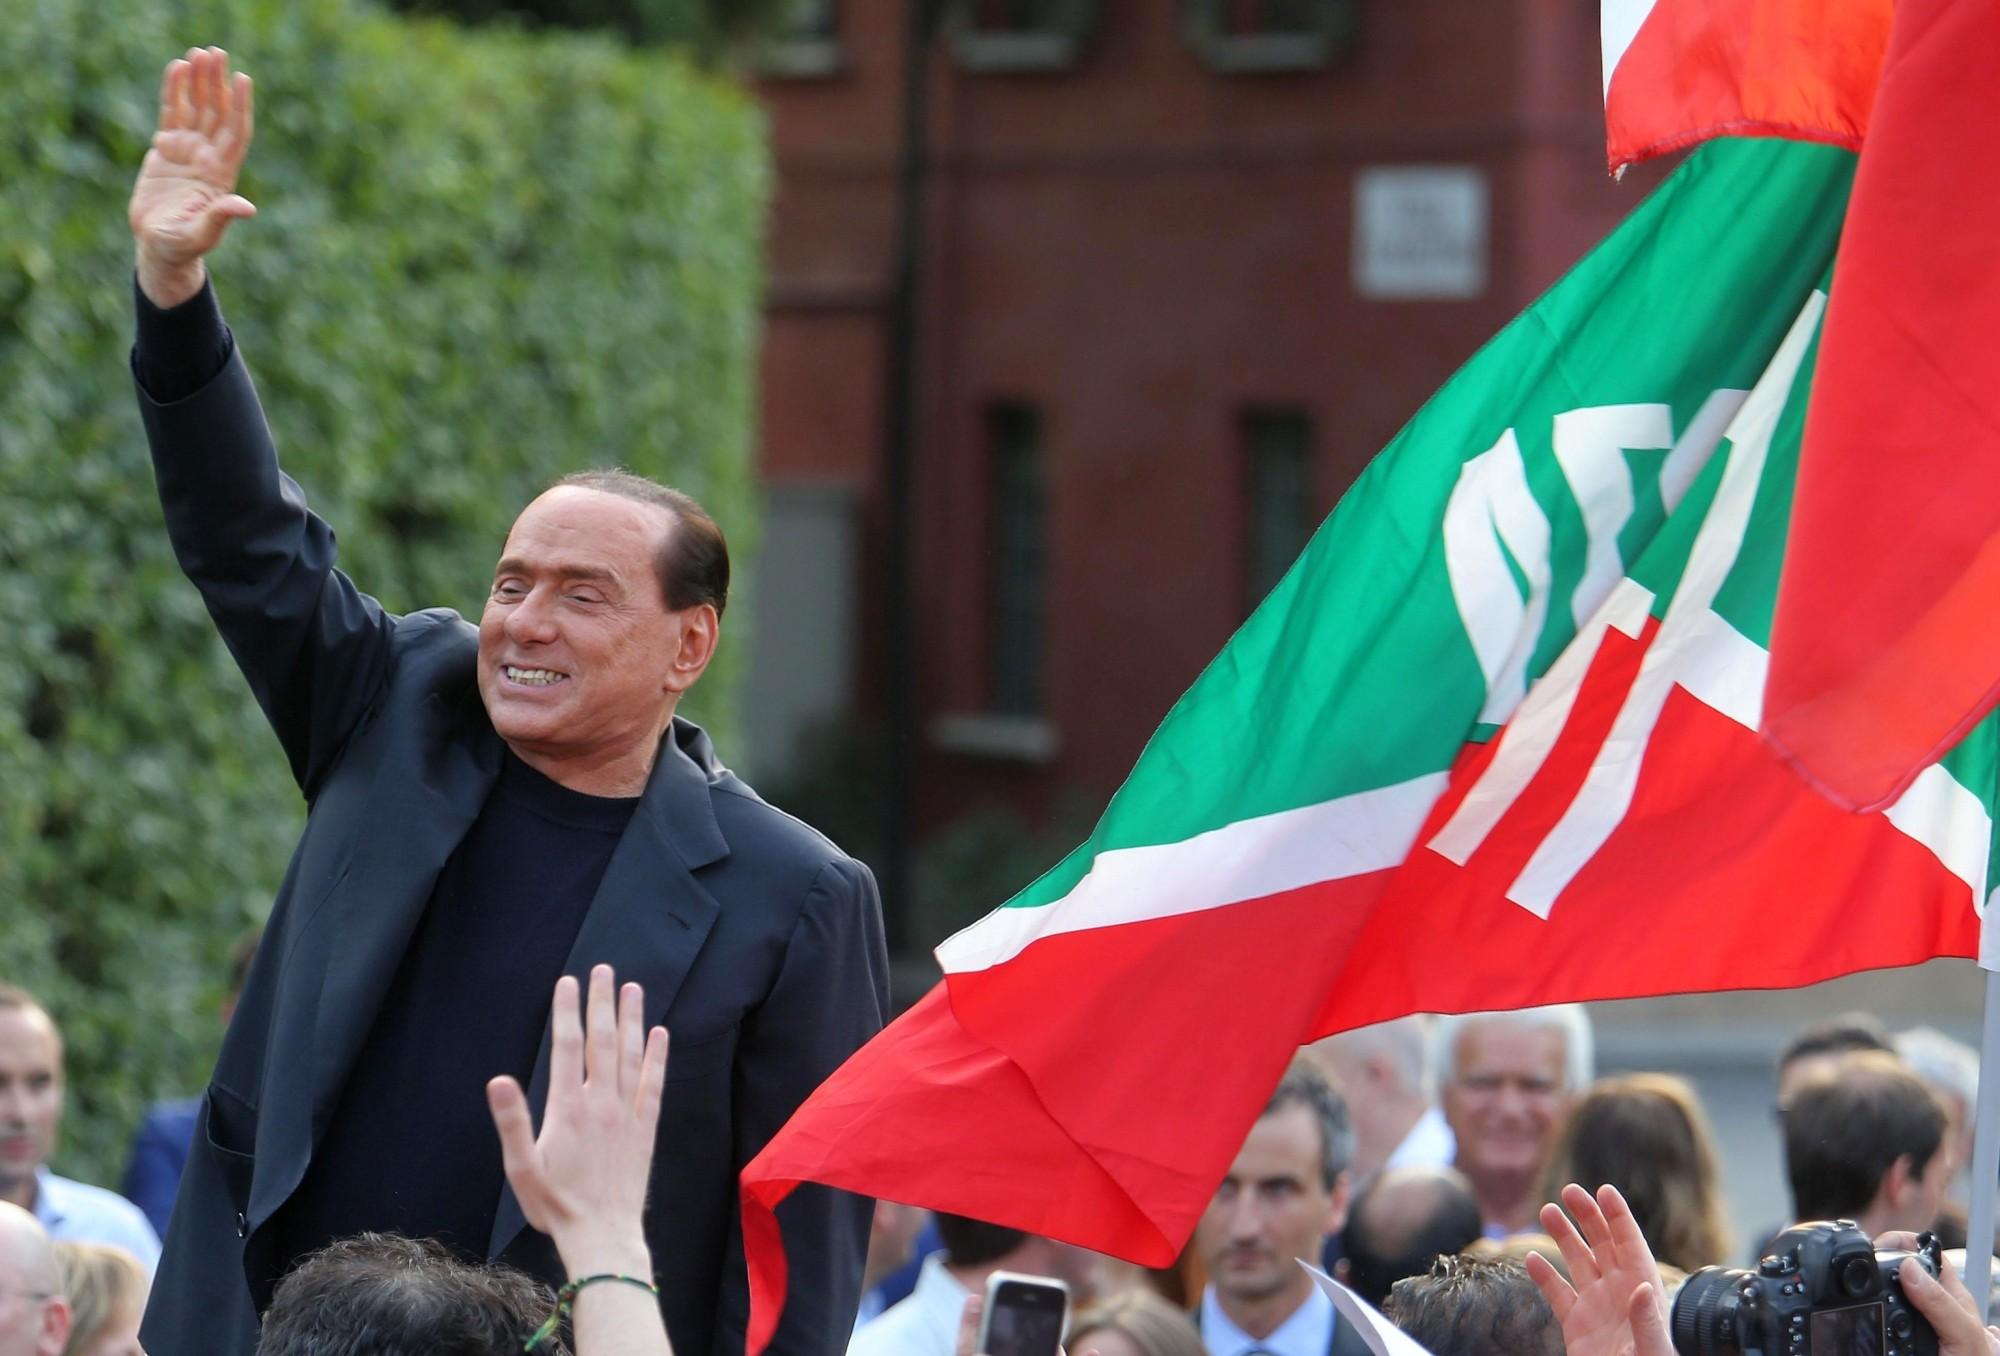 Berlusconi: decreti Iva e Imu, poi torniamo alle urne. I sindacati insorgono: 'serve un governo vero, basta irresponsabilità'